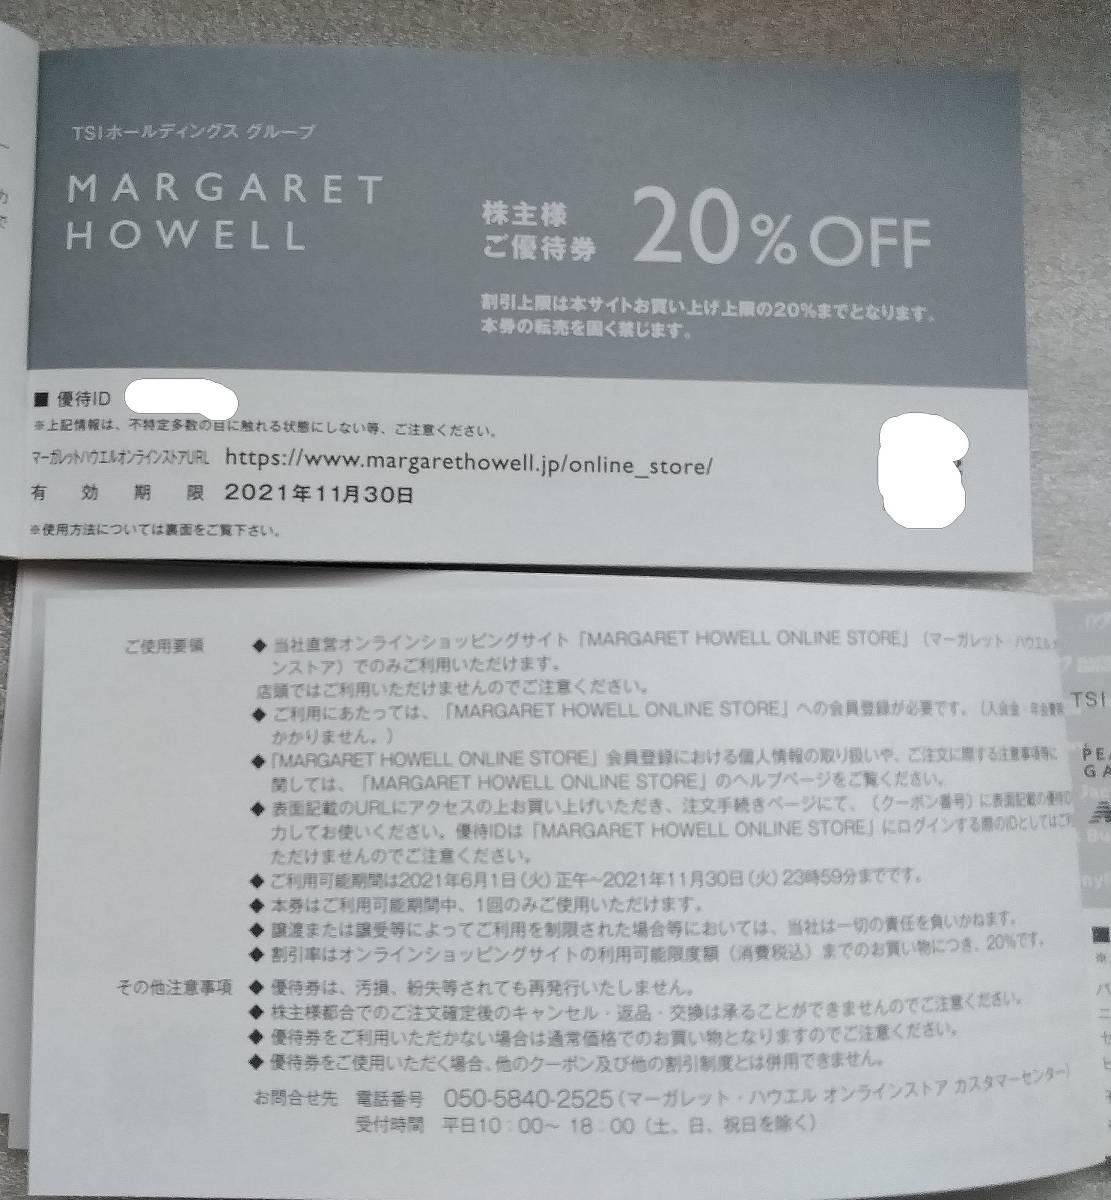 【最新 2021年11月30日迄 送料無料】TSI 株主優待 MARGARET HOWELL マーガレットハウエル 20% 割引券 1枚_画像1